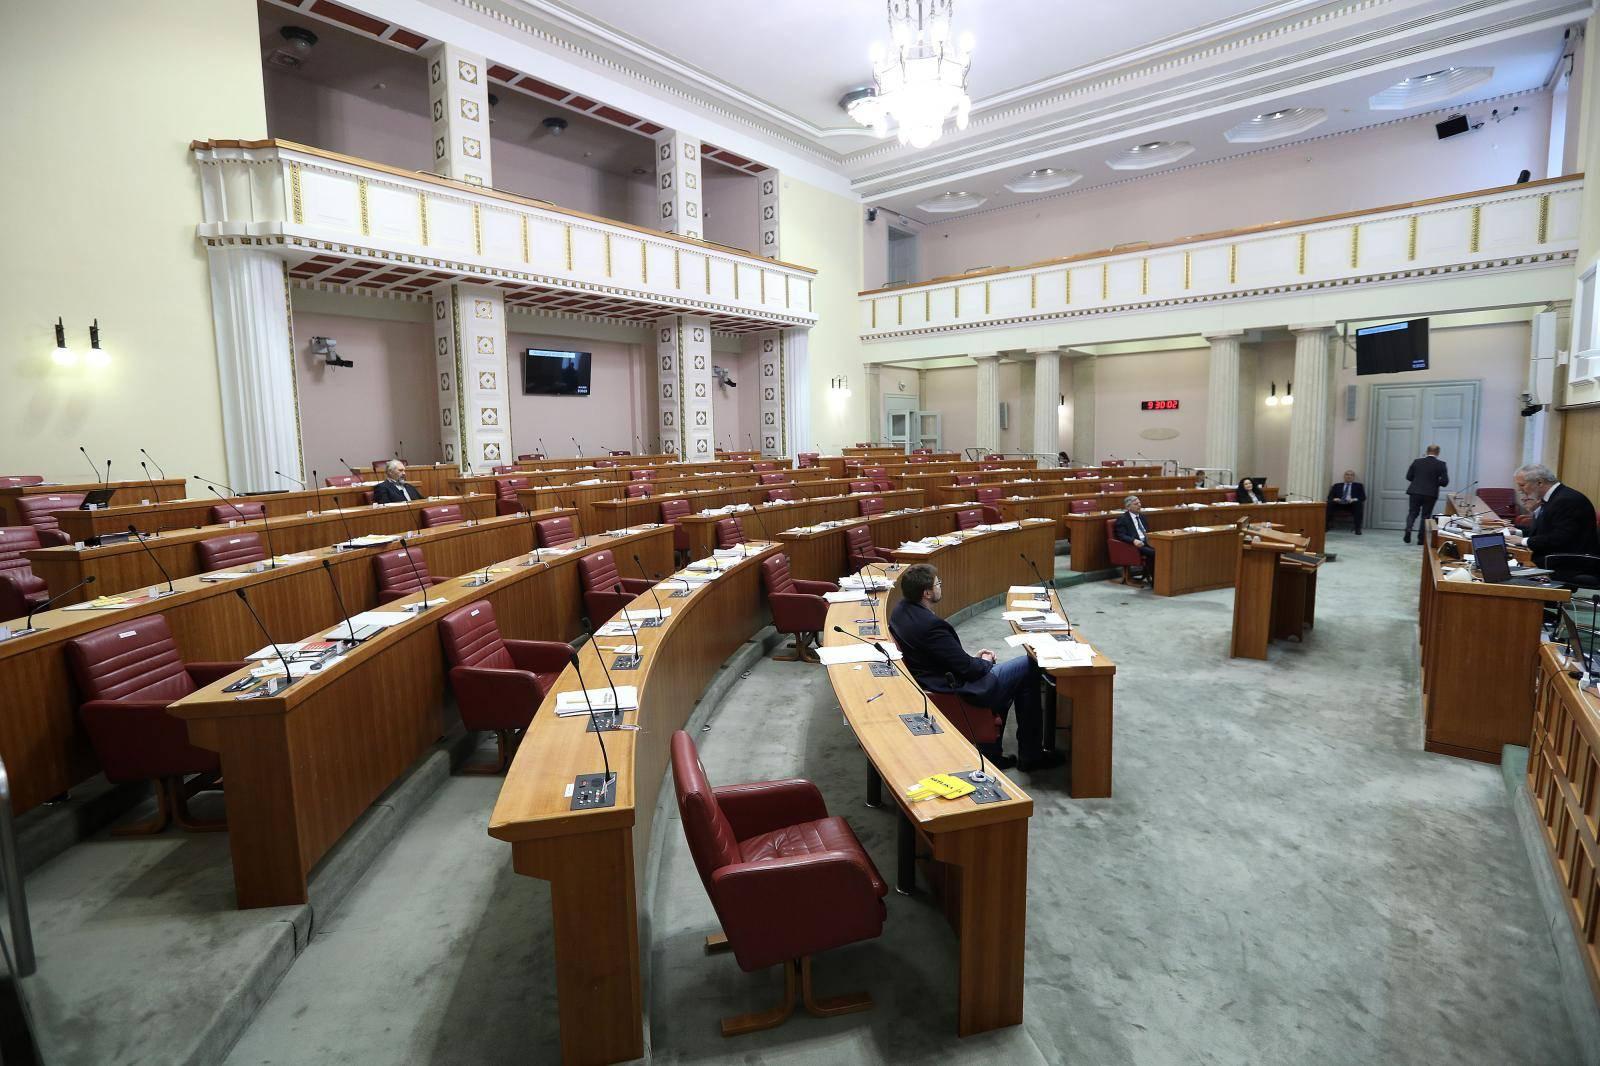 Zagreb: Sjednica sabora započela izjašnjavanjem o podnesenim amandmanima